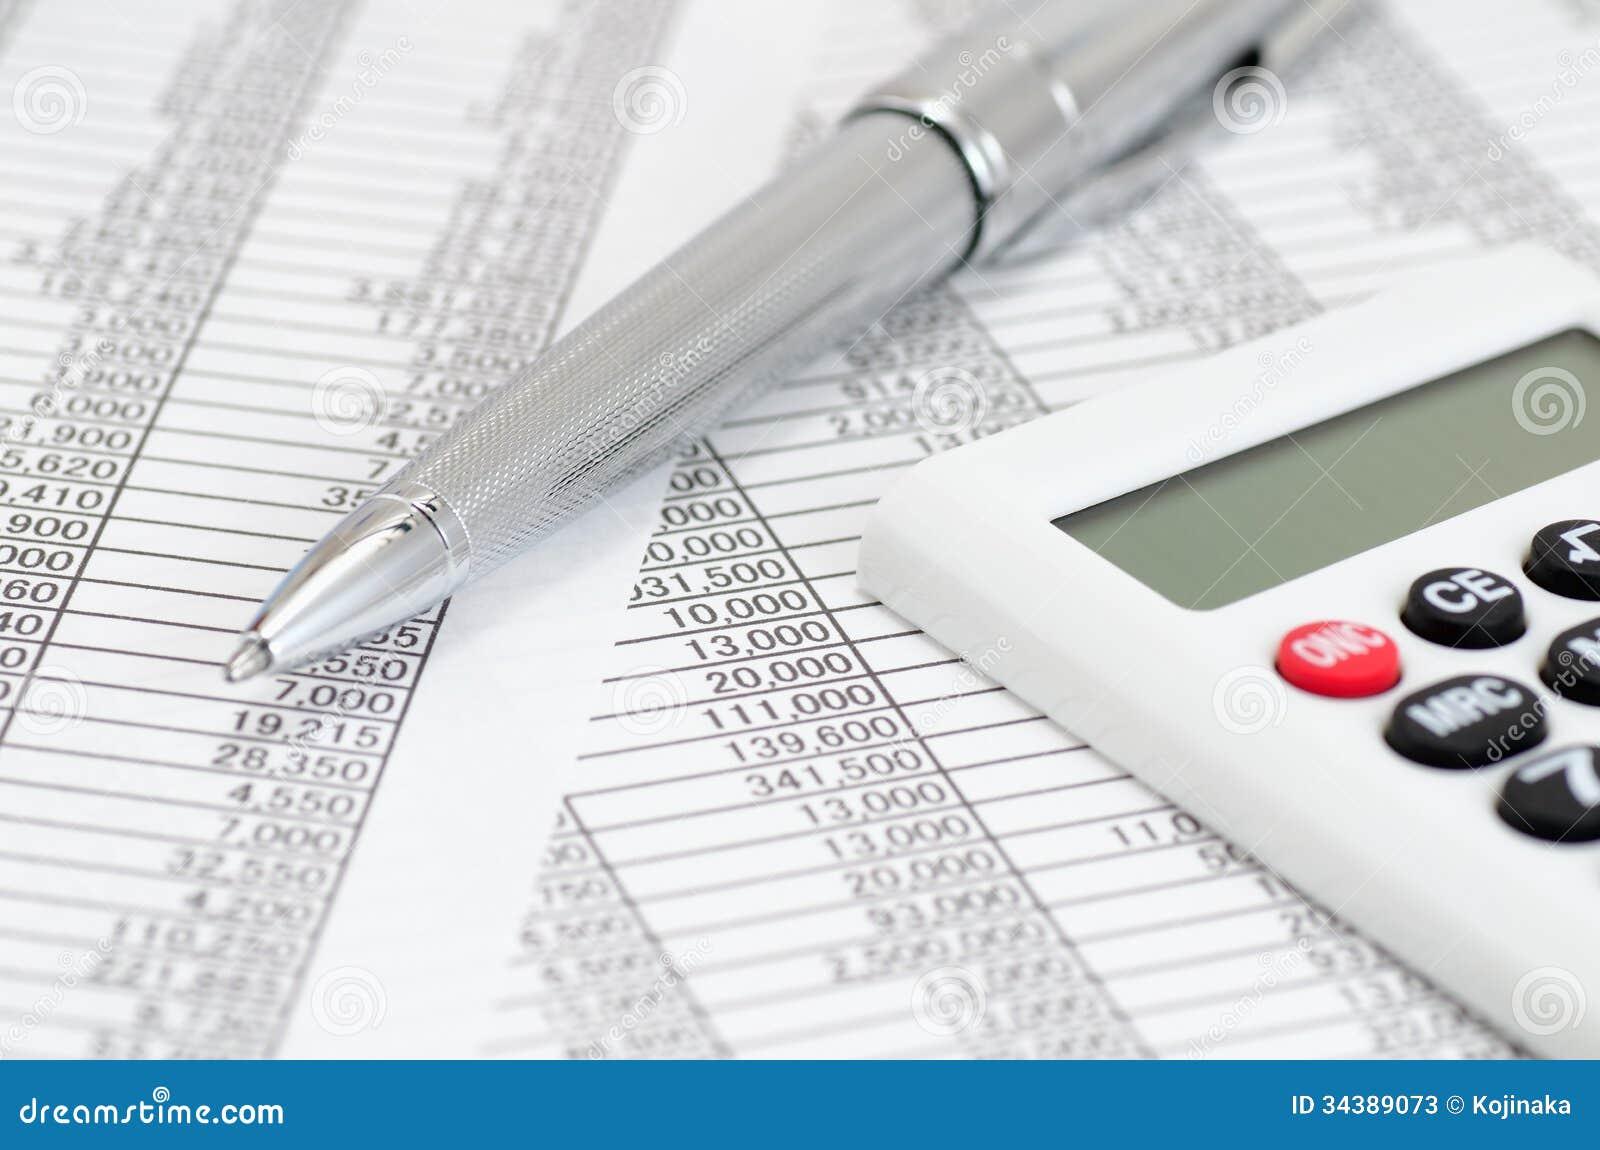 calculatrice et pointe et documents comptables photos With images documents comptables